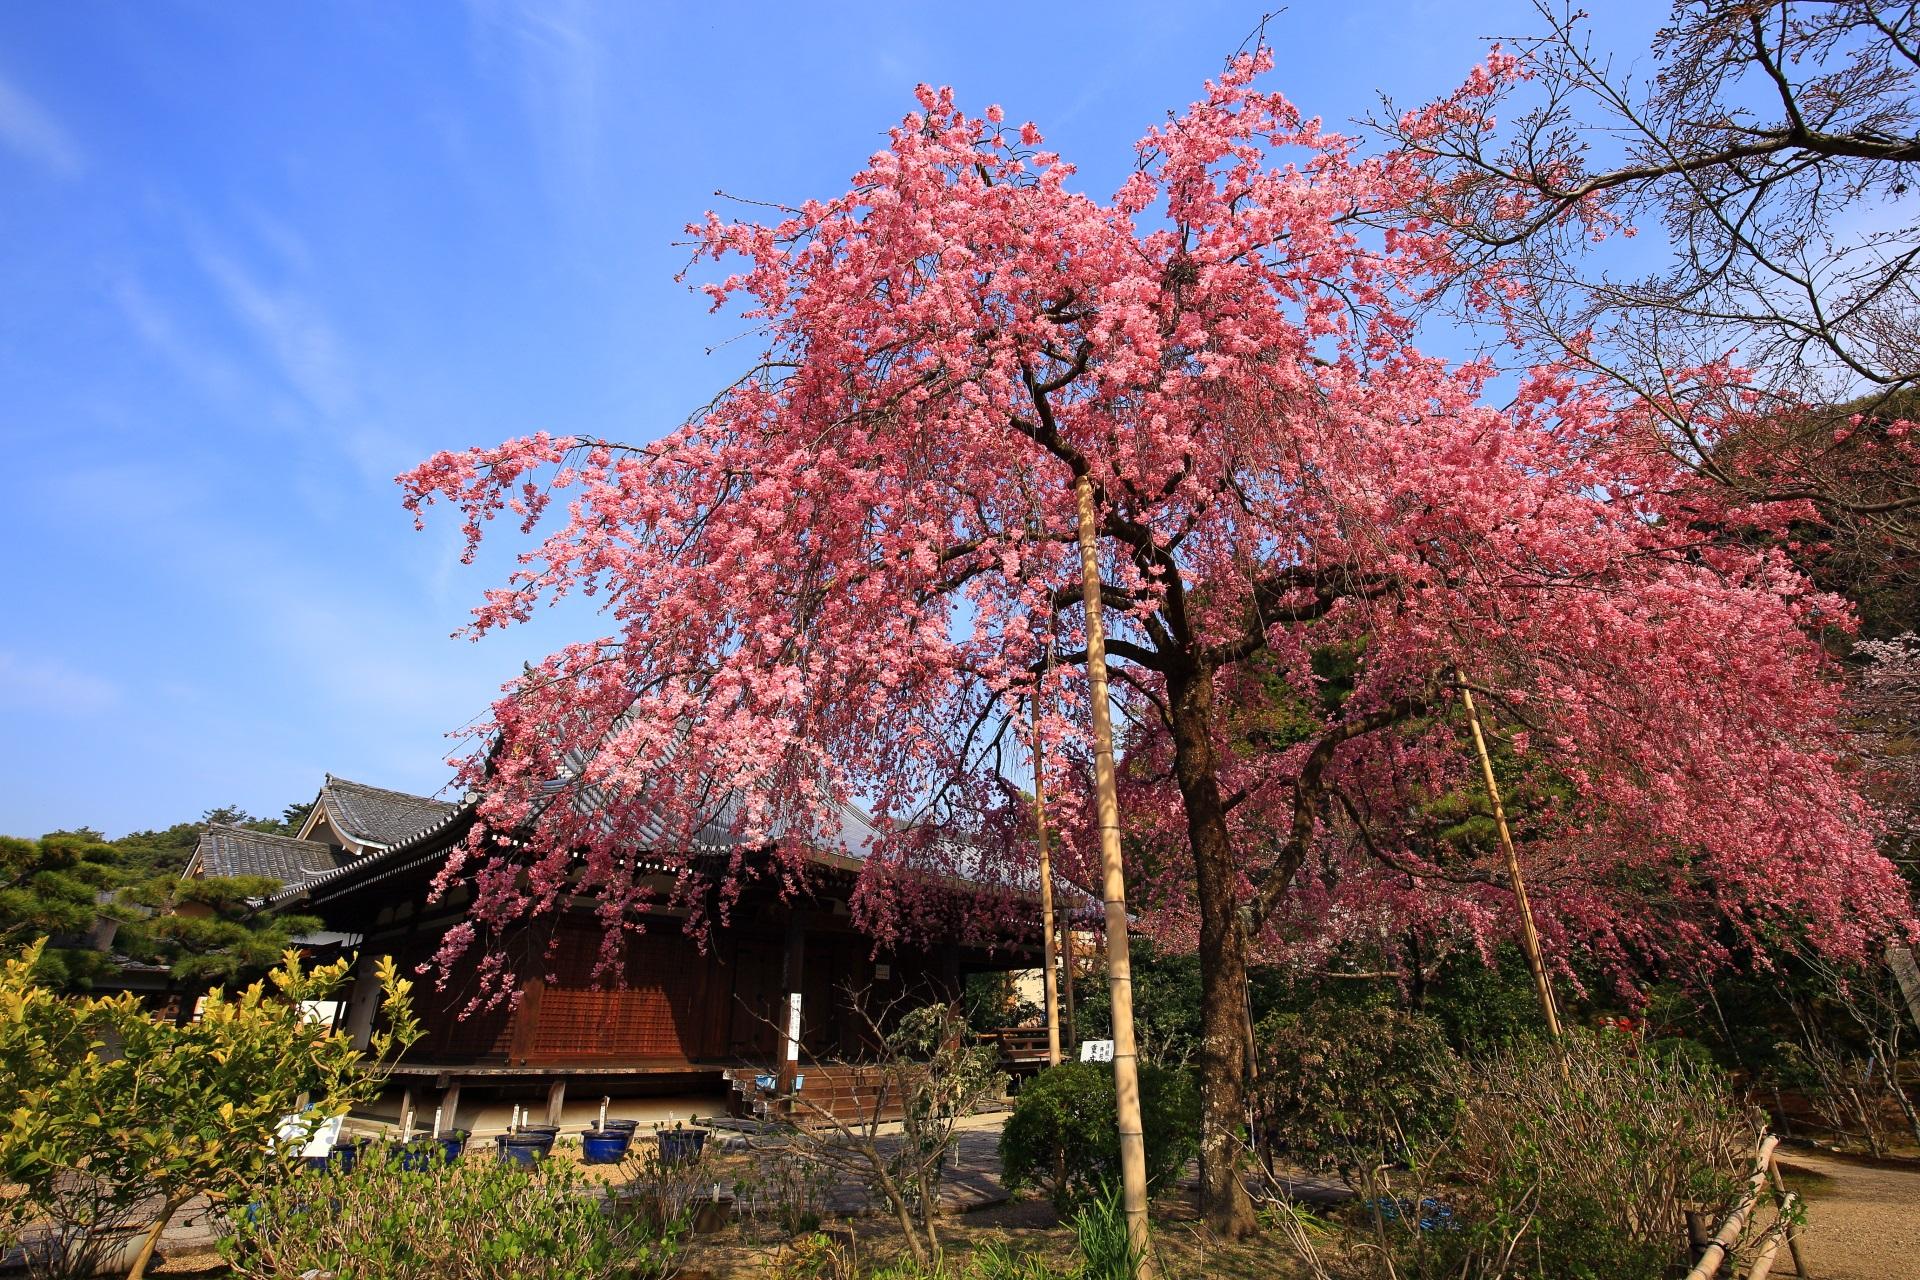 待賢門院桜と礼堂の絵になる春の情景